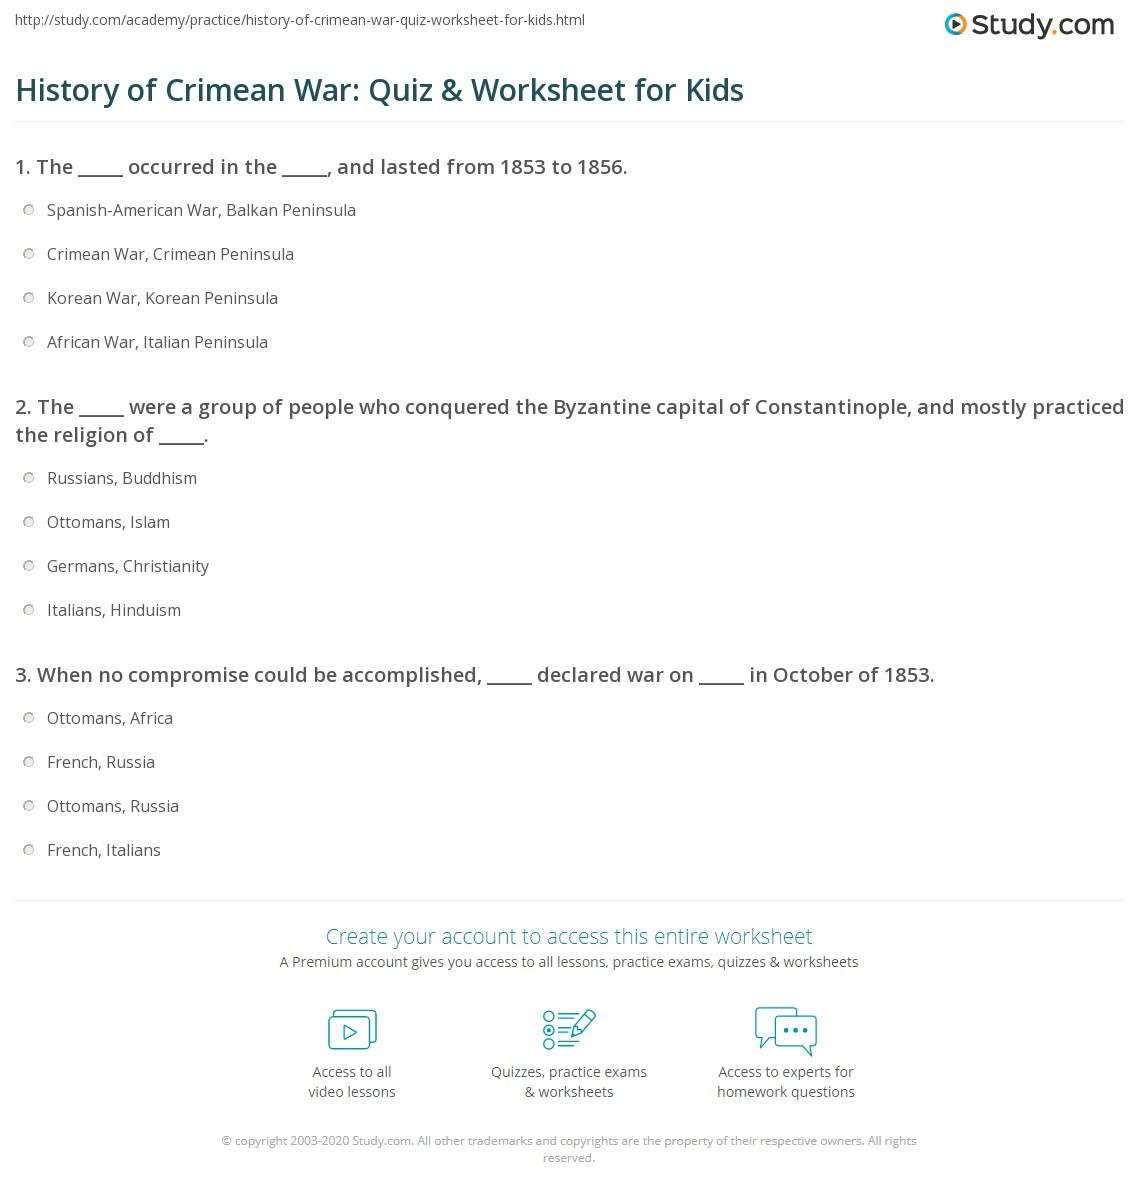 History Of Crimean War Quiz Amp Worksheet For Kids